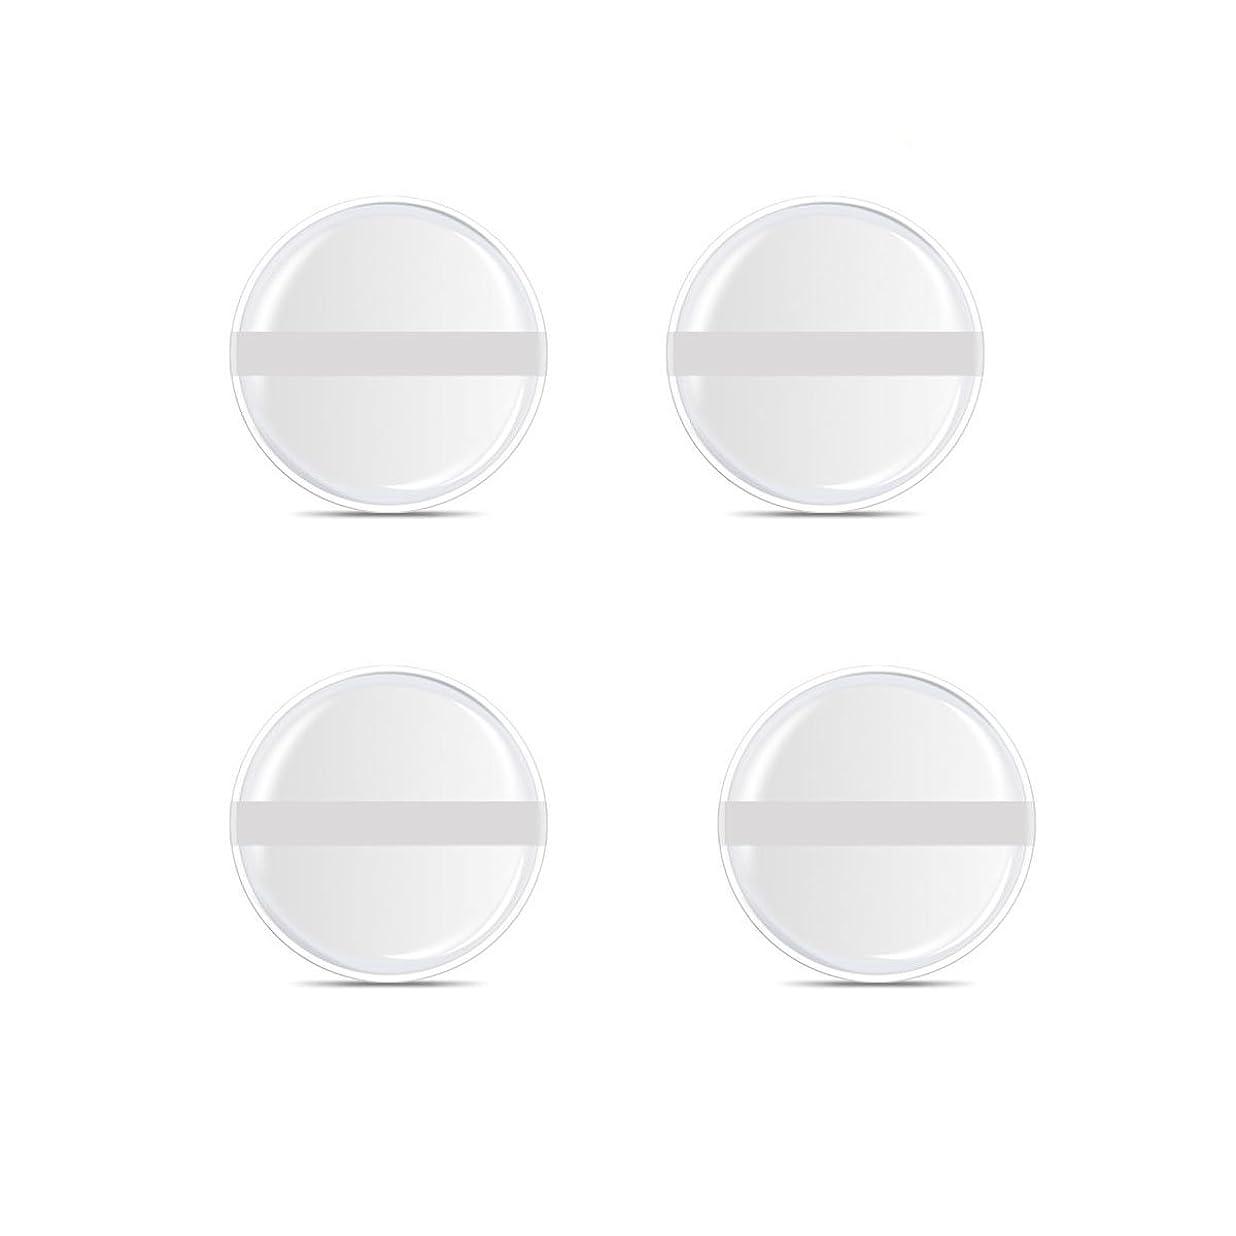 ズームインする巻き取りボランティアシリコンパフ 帯付き メイクスポンジ ゲルパフ ゼリーパフ 清潔しやすい衛生 柔らかく 透明な 4枚入 (円形 4入り)